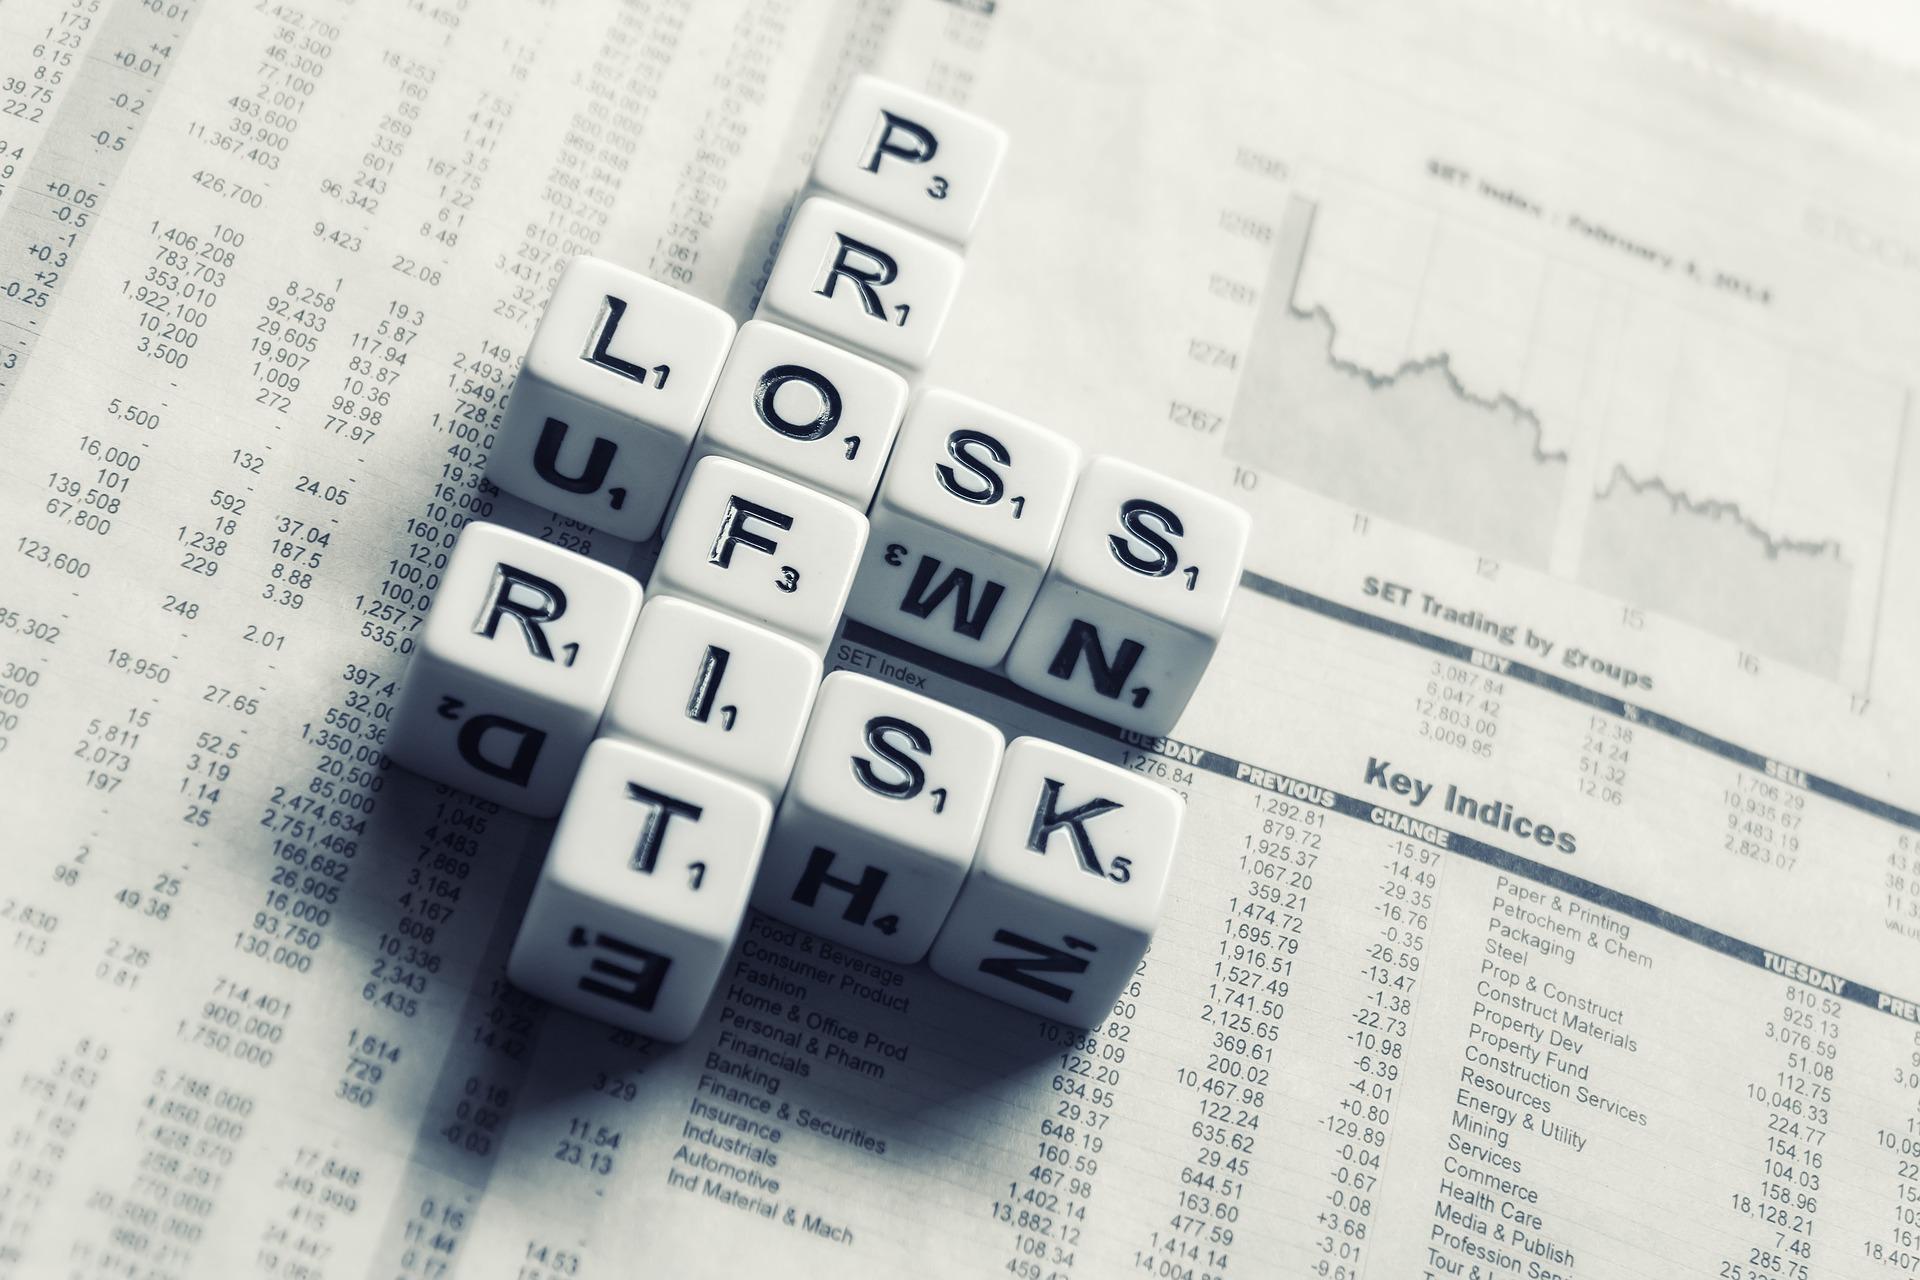 Enterprise Risk Management Services